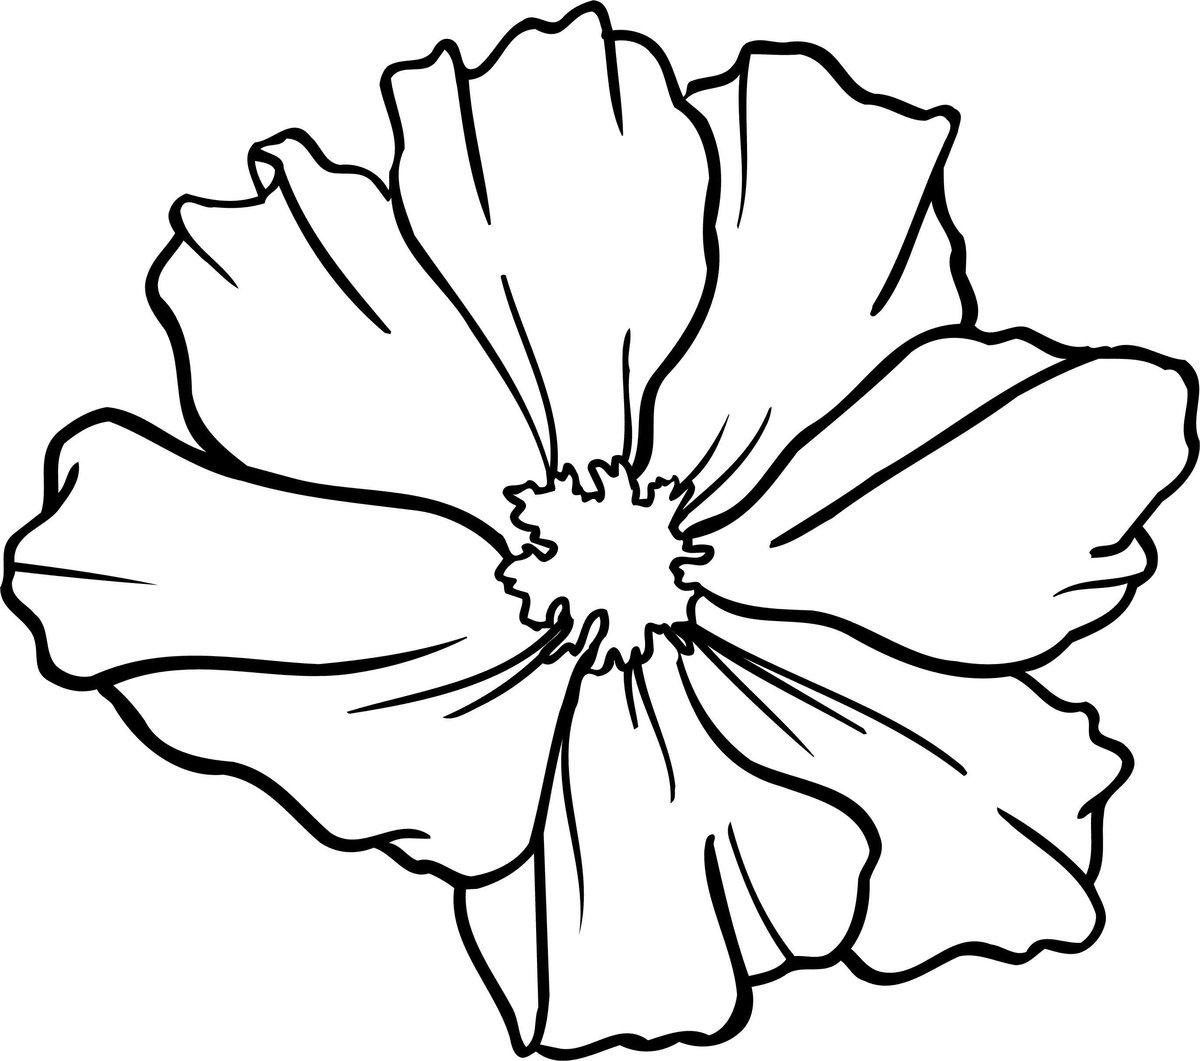 часть картинки раскраски цветы крупные шаблоны метода